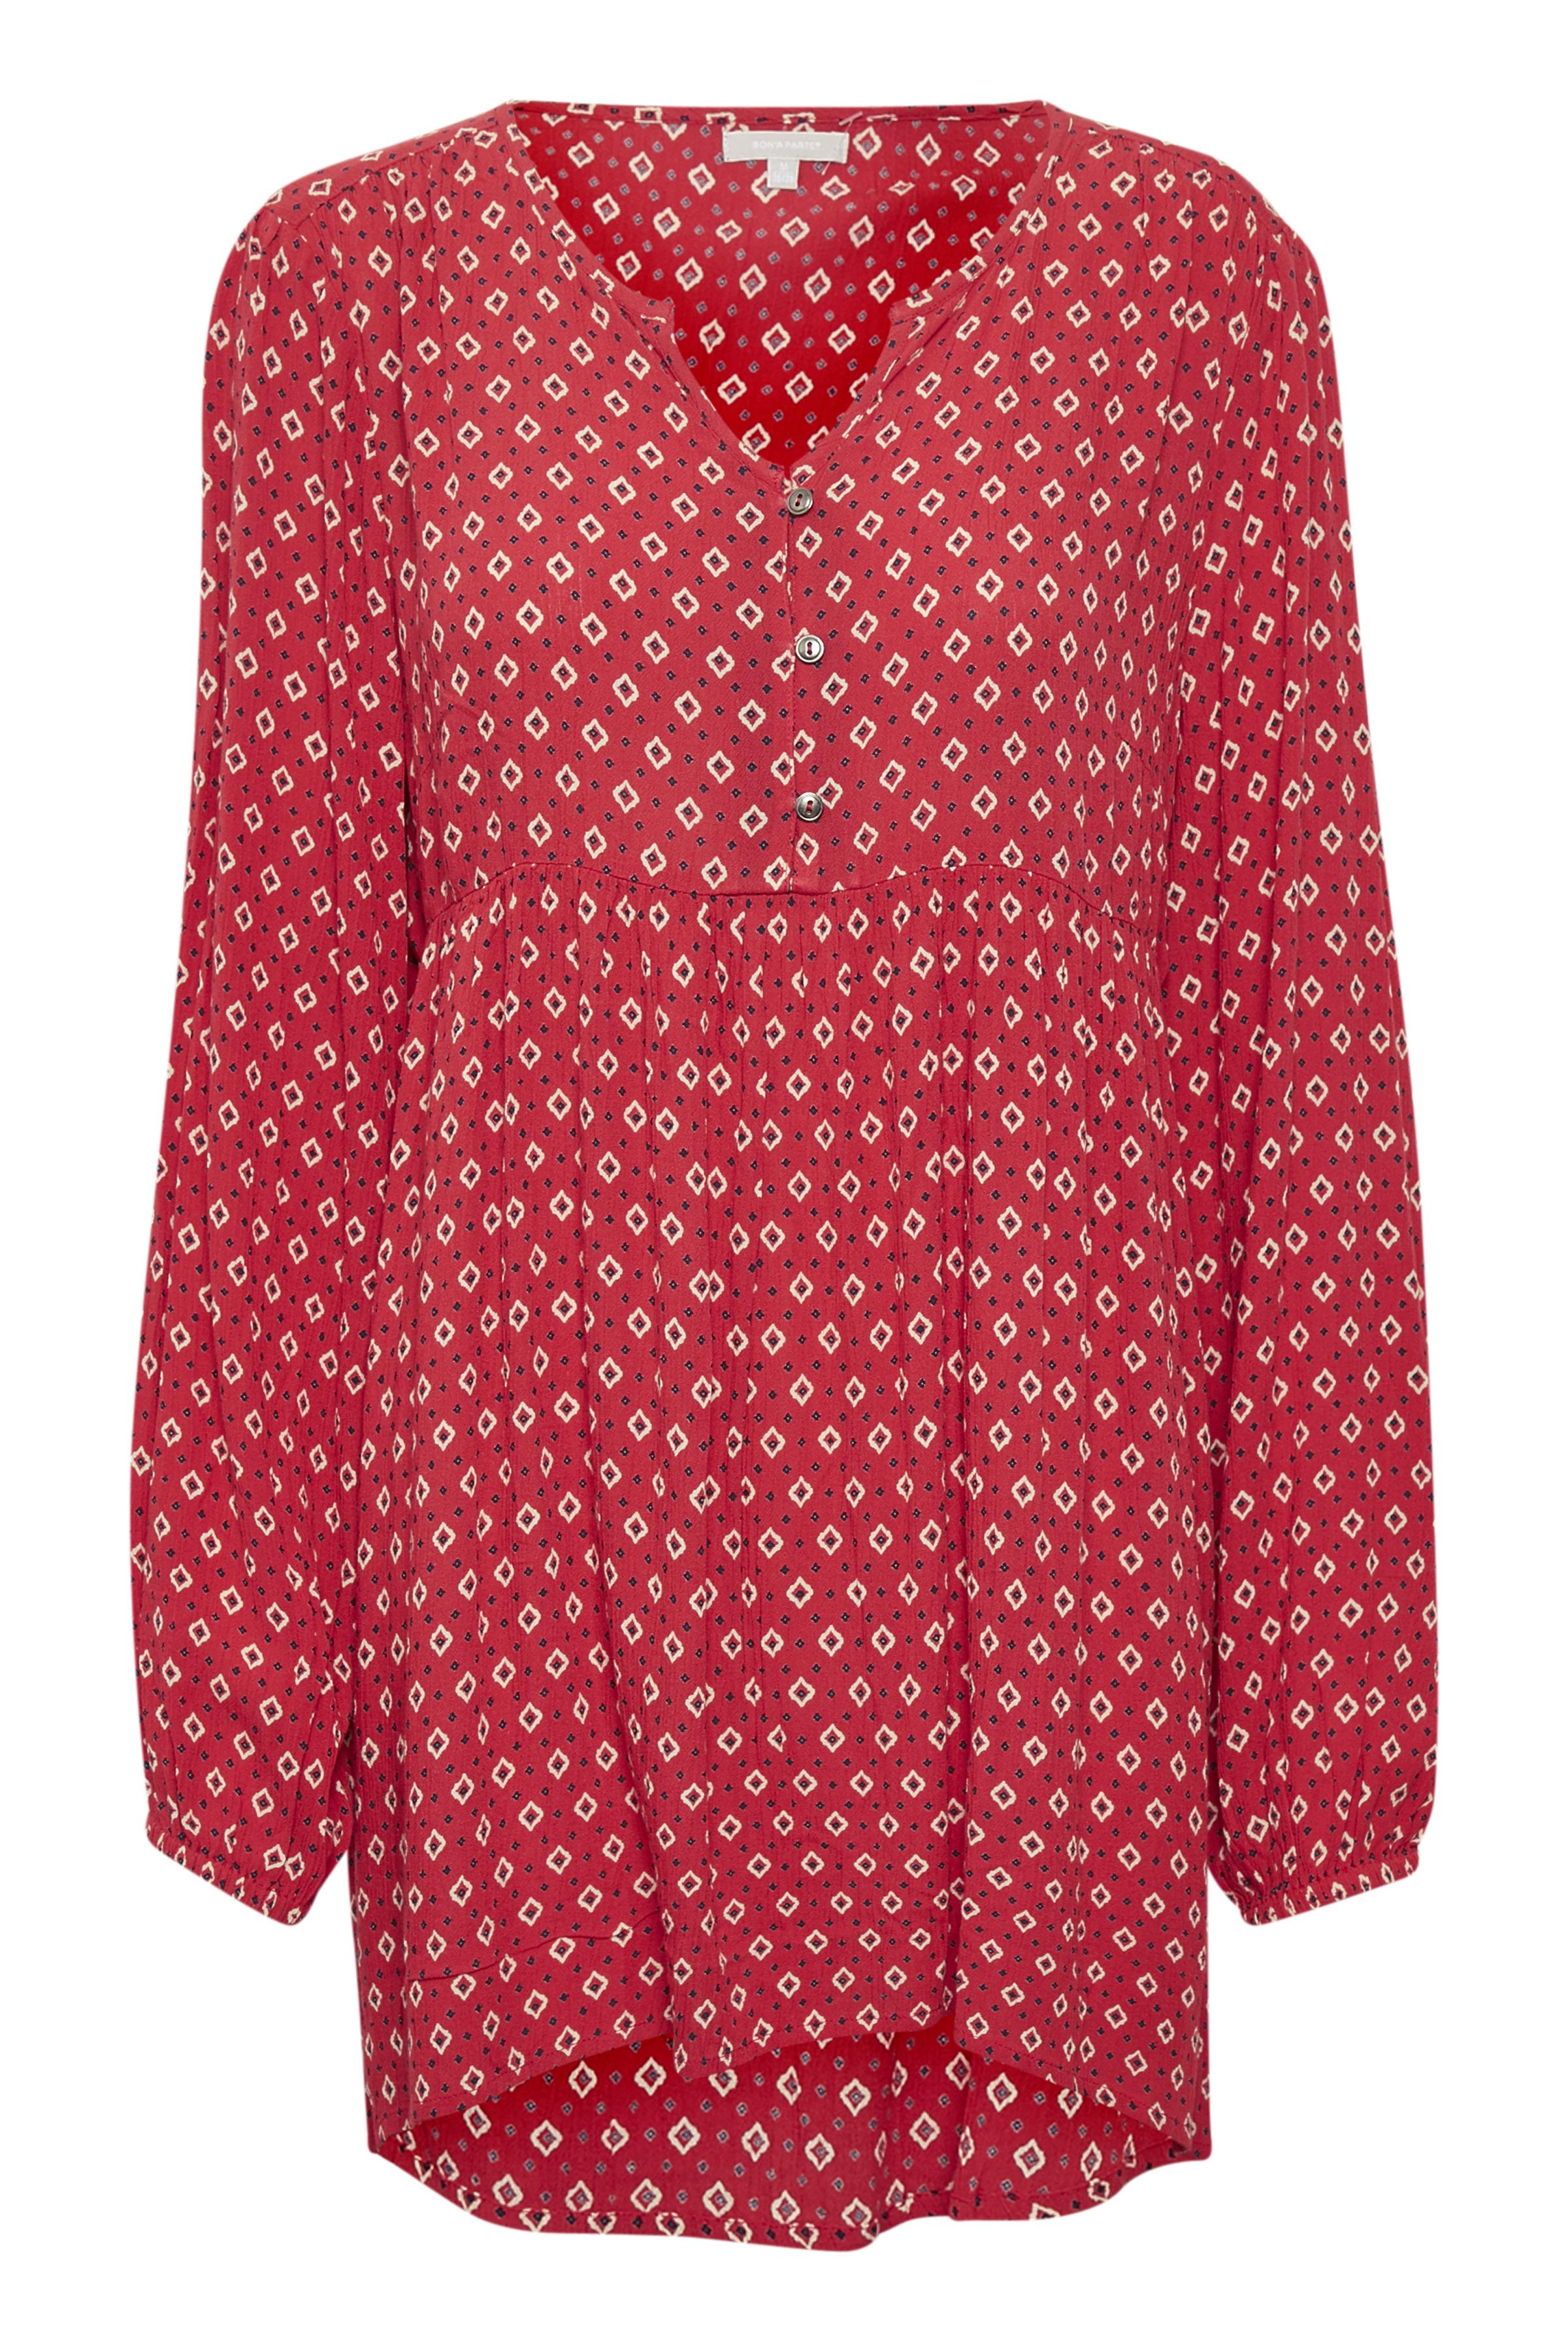 BonA Parte Dame BONA PARTE kjole med rund hals. Ærmer med albuelængde. All-over print. Kjolen - Rød/off-white